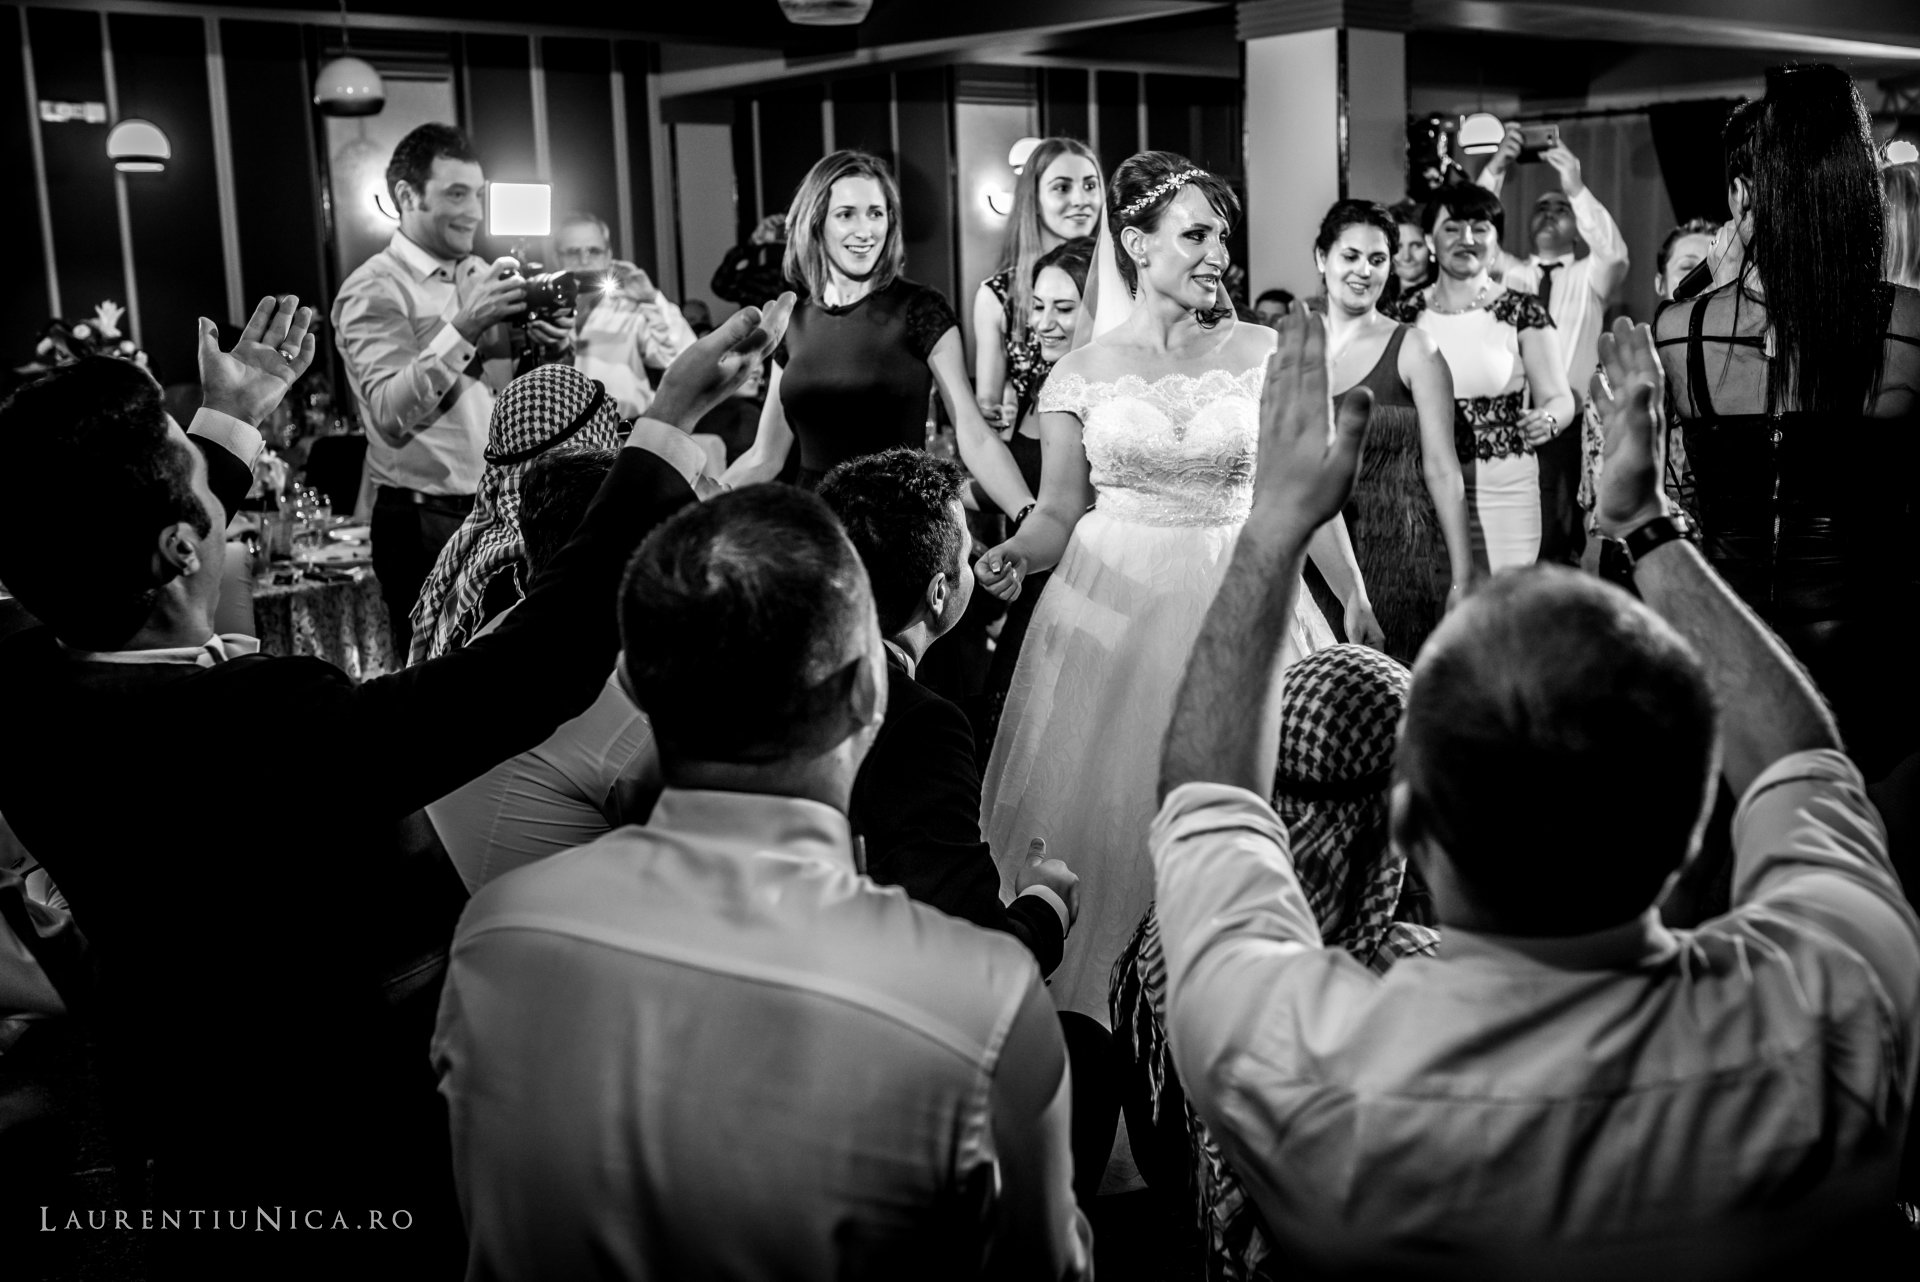 daniela si marius fotografii nunta craiova laurentiu nica69 - Daniela & Marius | Fotografii nunta